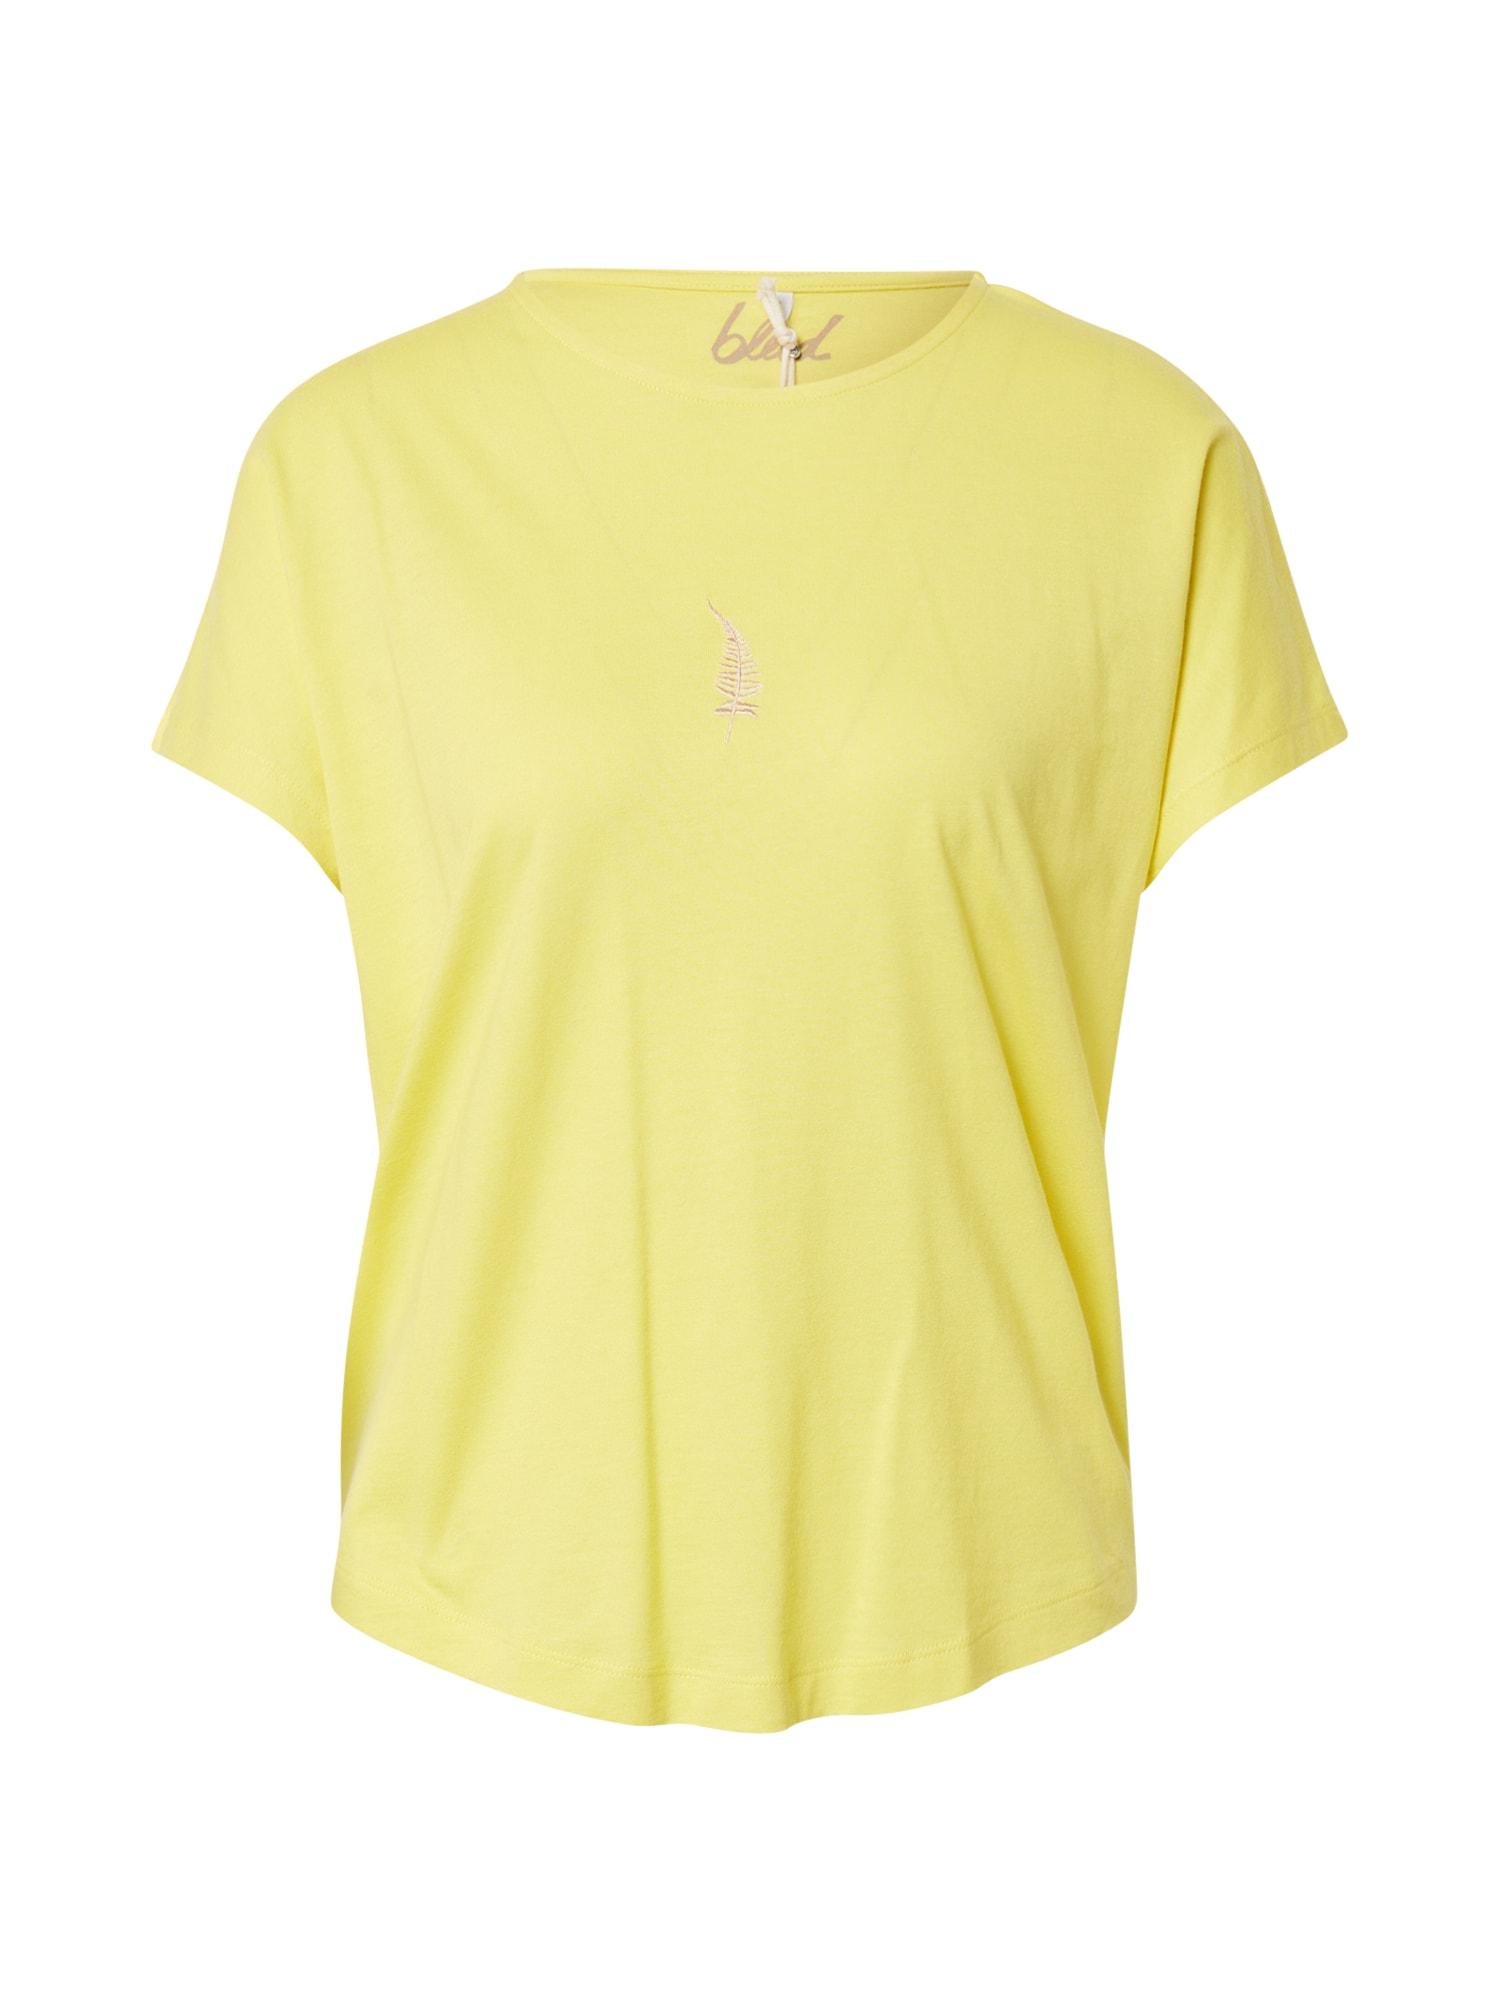 bleed clothing Marškinėliai geltona / pastelinė violetinė